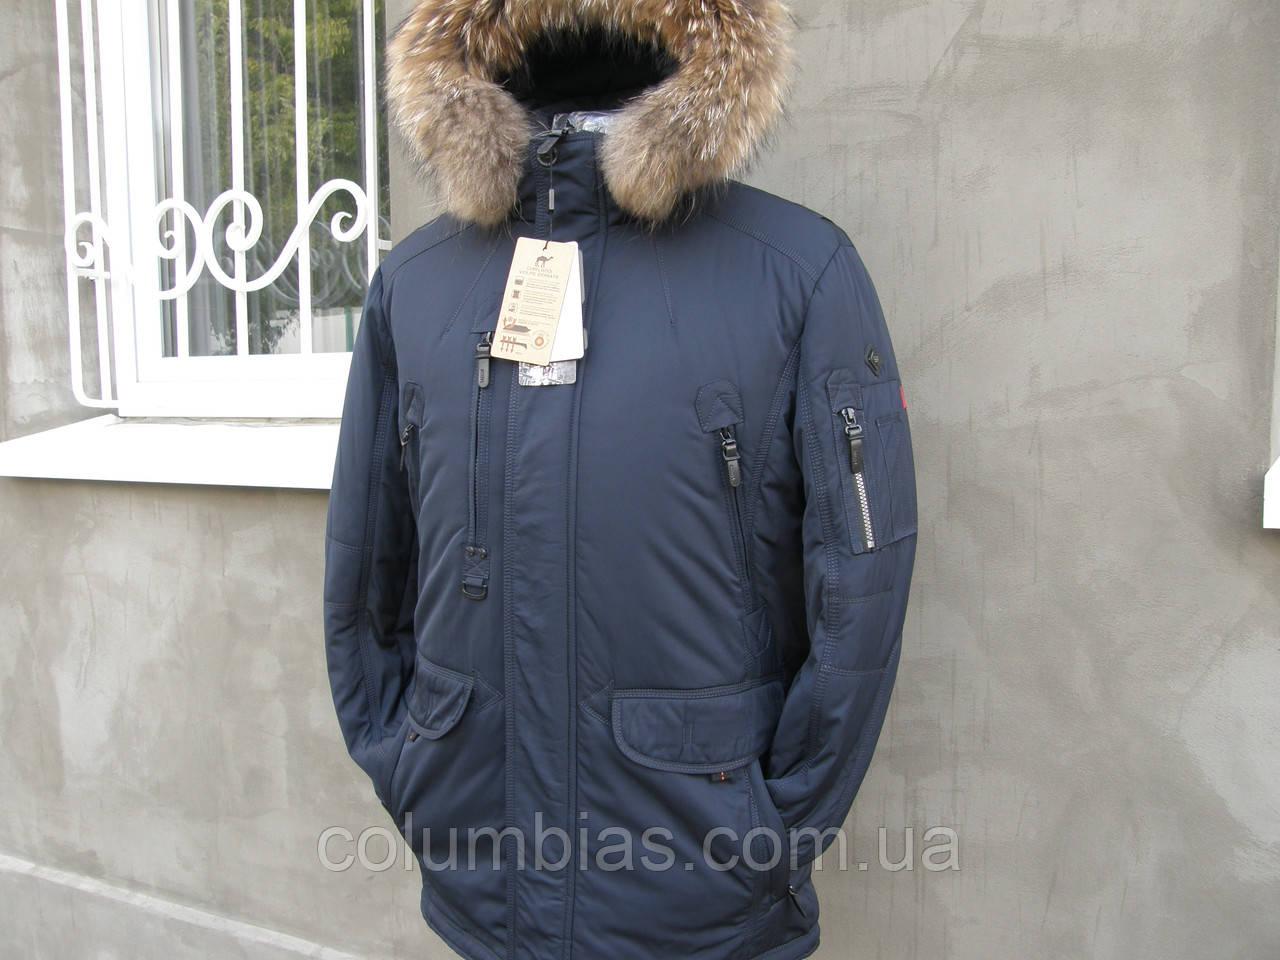 b60517e65125 Зимняя мужская куртка аляска на верблюжей шерсти - Весь ассортимент в  наличии, звоните в любое